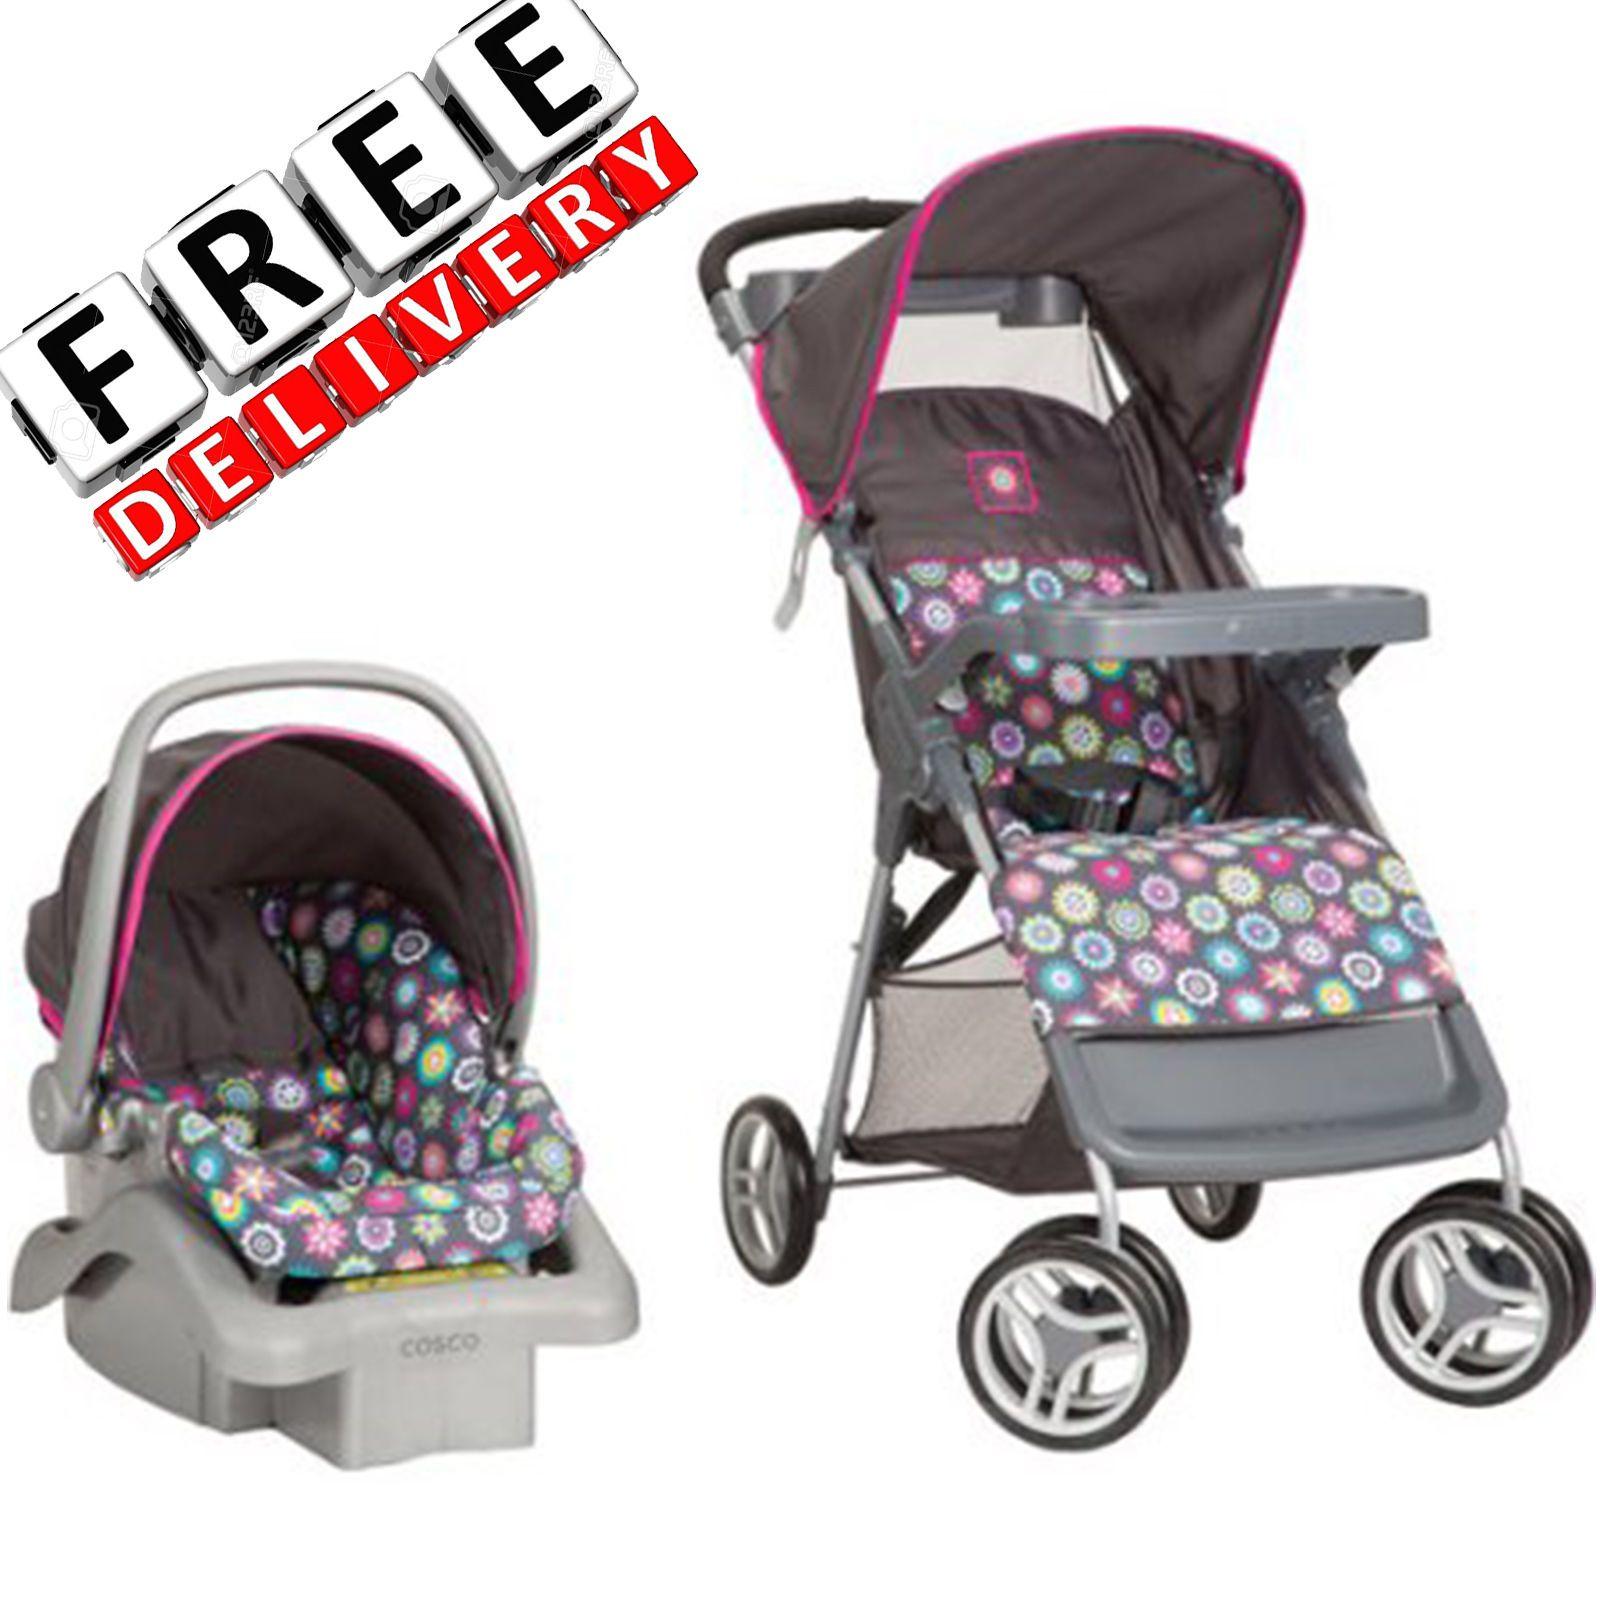 Baby Stroller Travel System Car Seat Infant Toddler Set